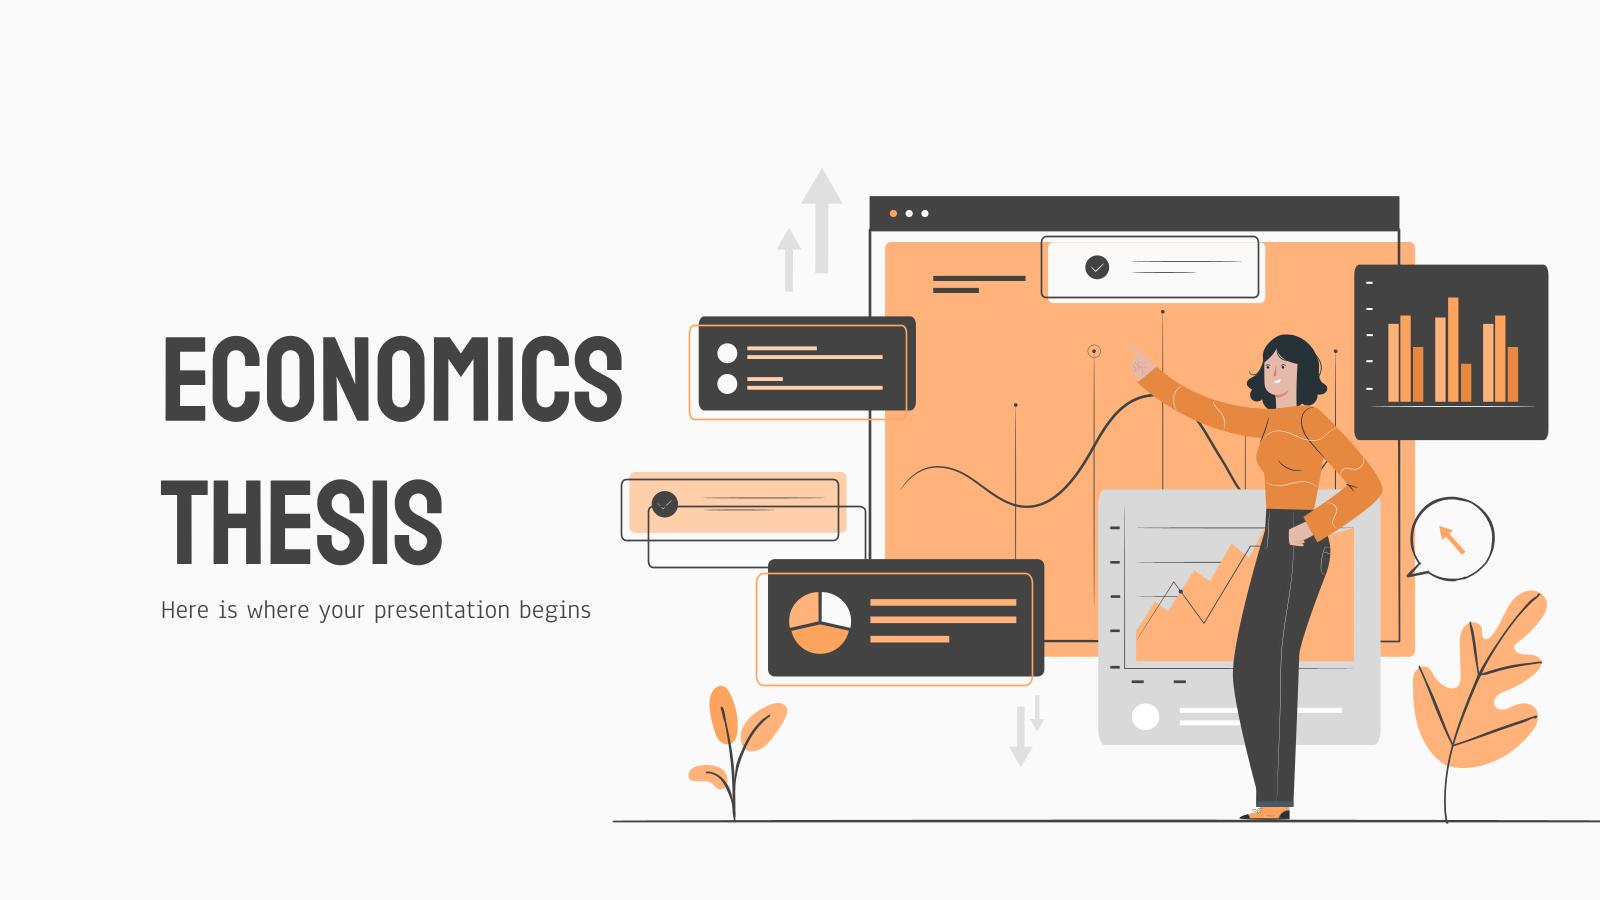 Plantilla de presentación Tesis de economía